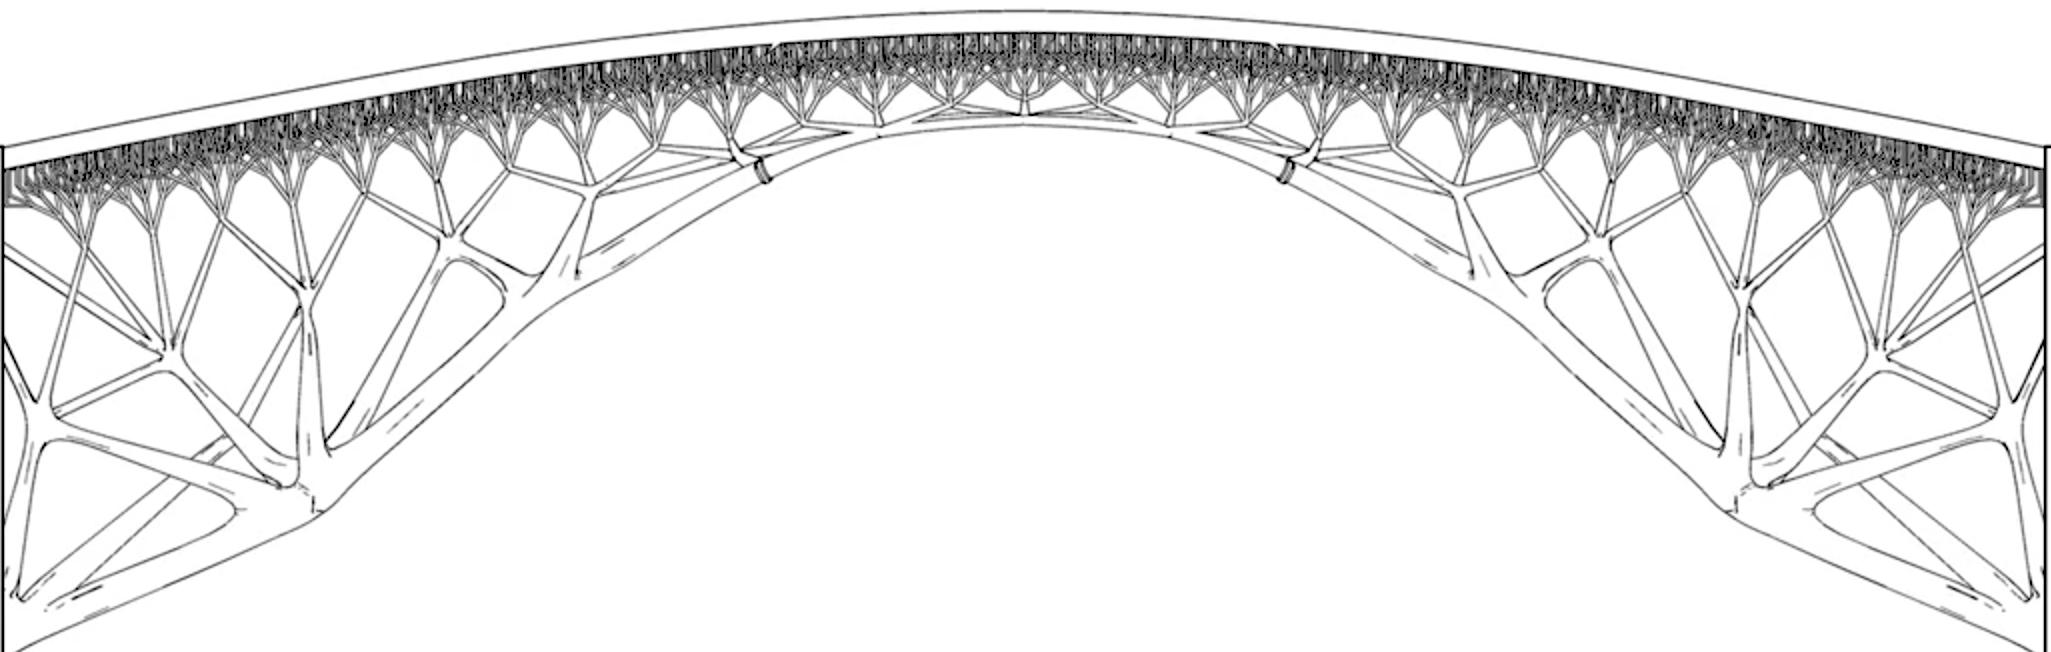 Bridge 2.png